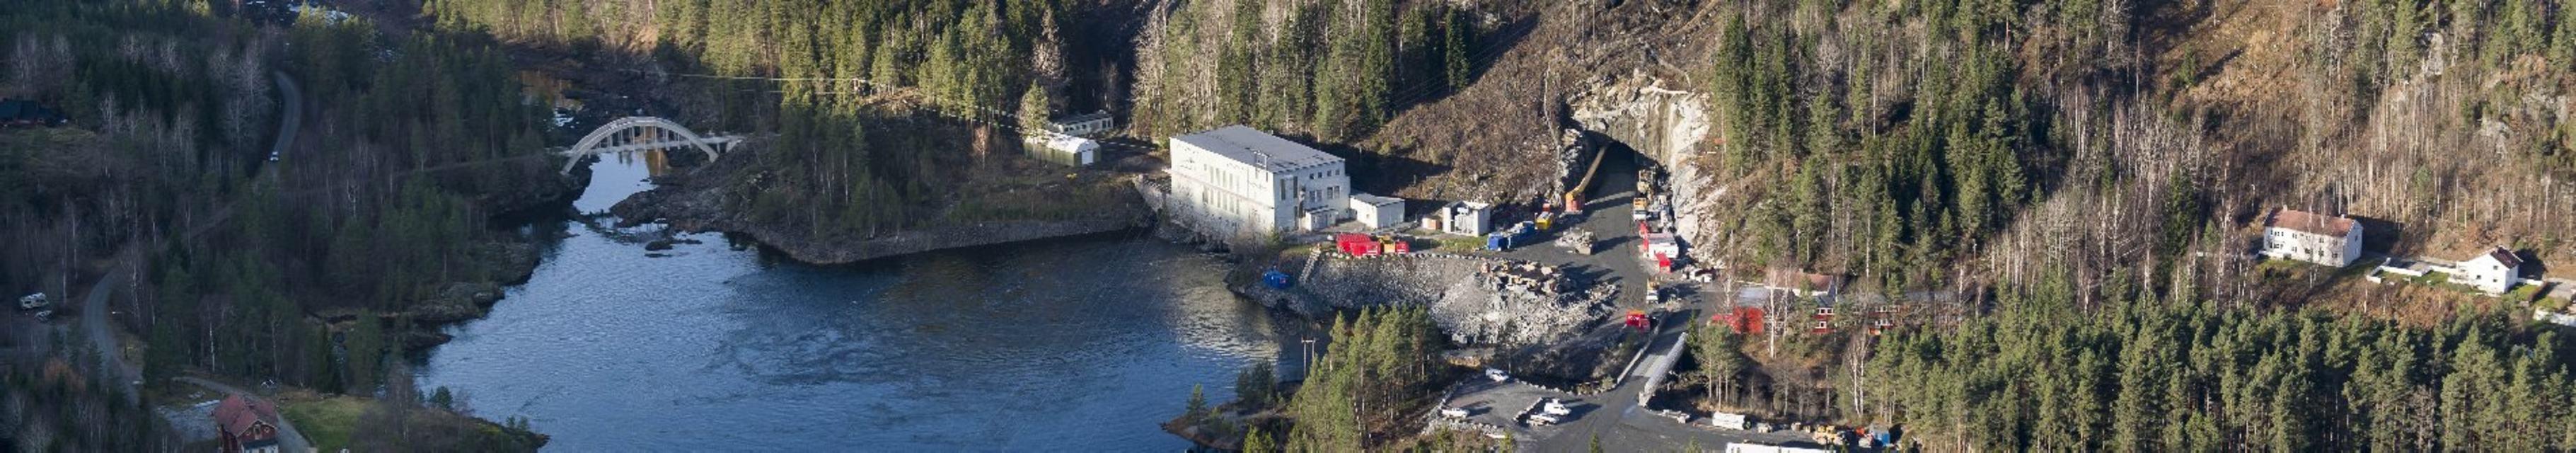 Iveland kraftstasjon utvides og vil stå ferdig i 2016.